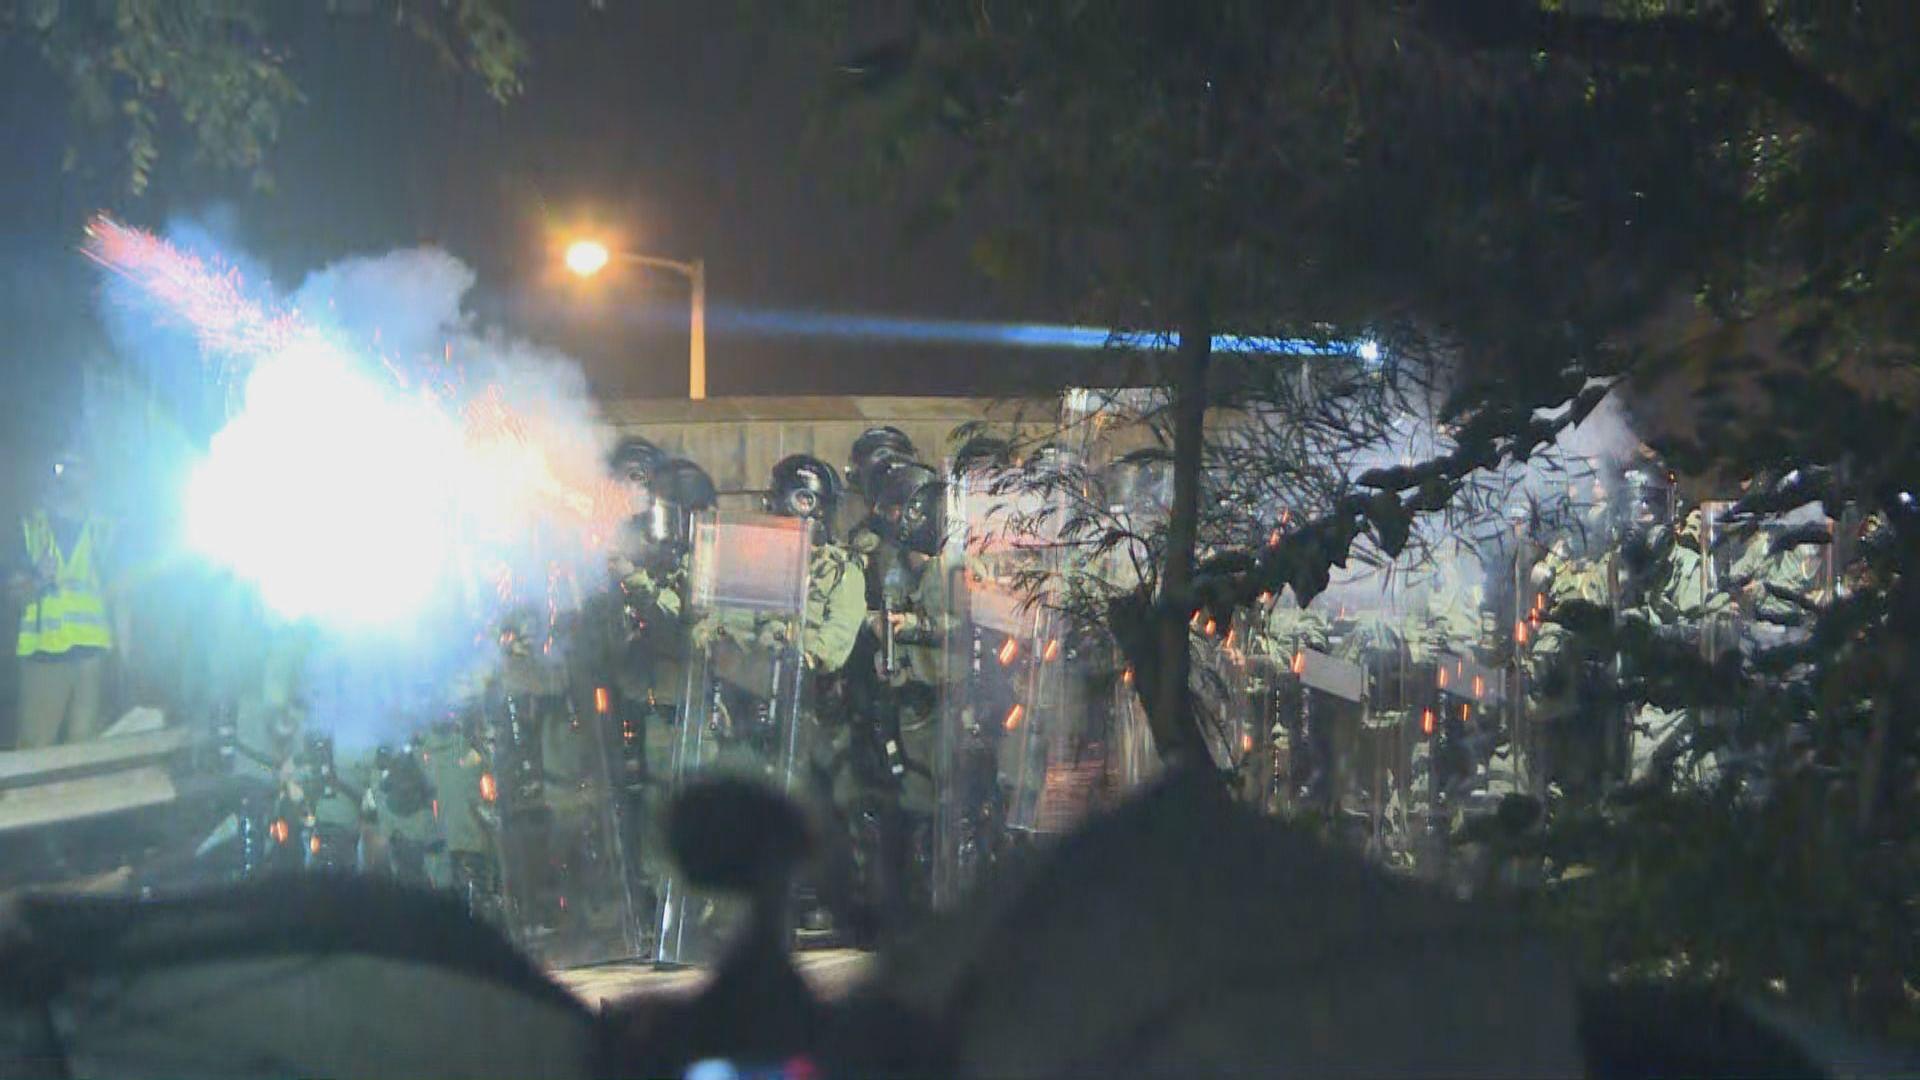 警方向包括段崇智在內人群發多枚催淚彈